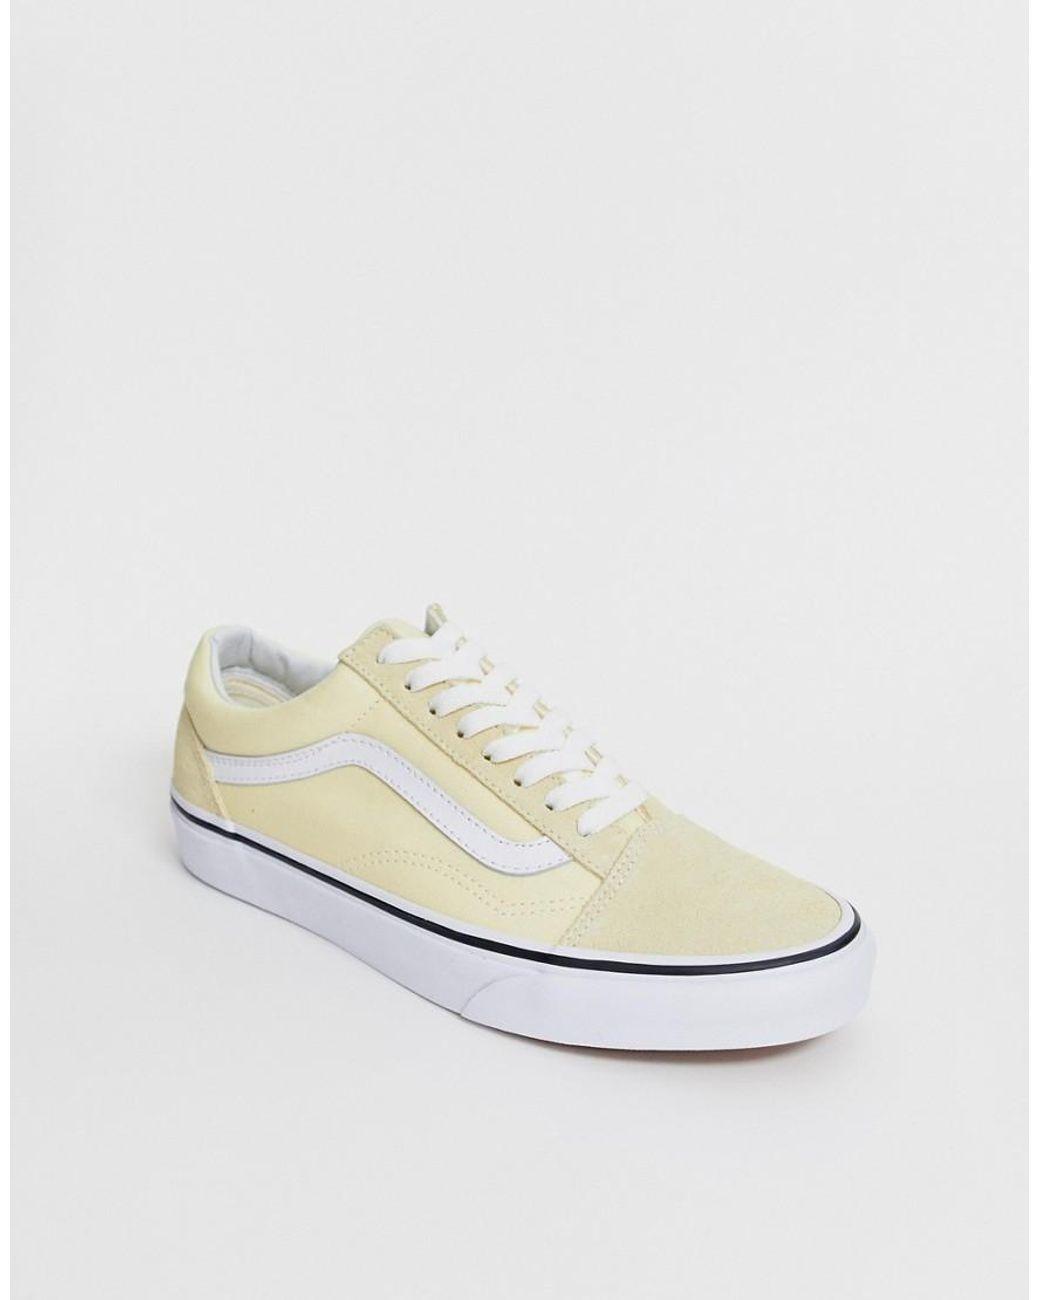 1b2bd5c46e Vans Van Old Skool Vanilla Sneakers in White - Lyst